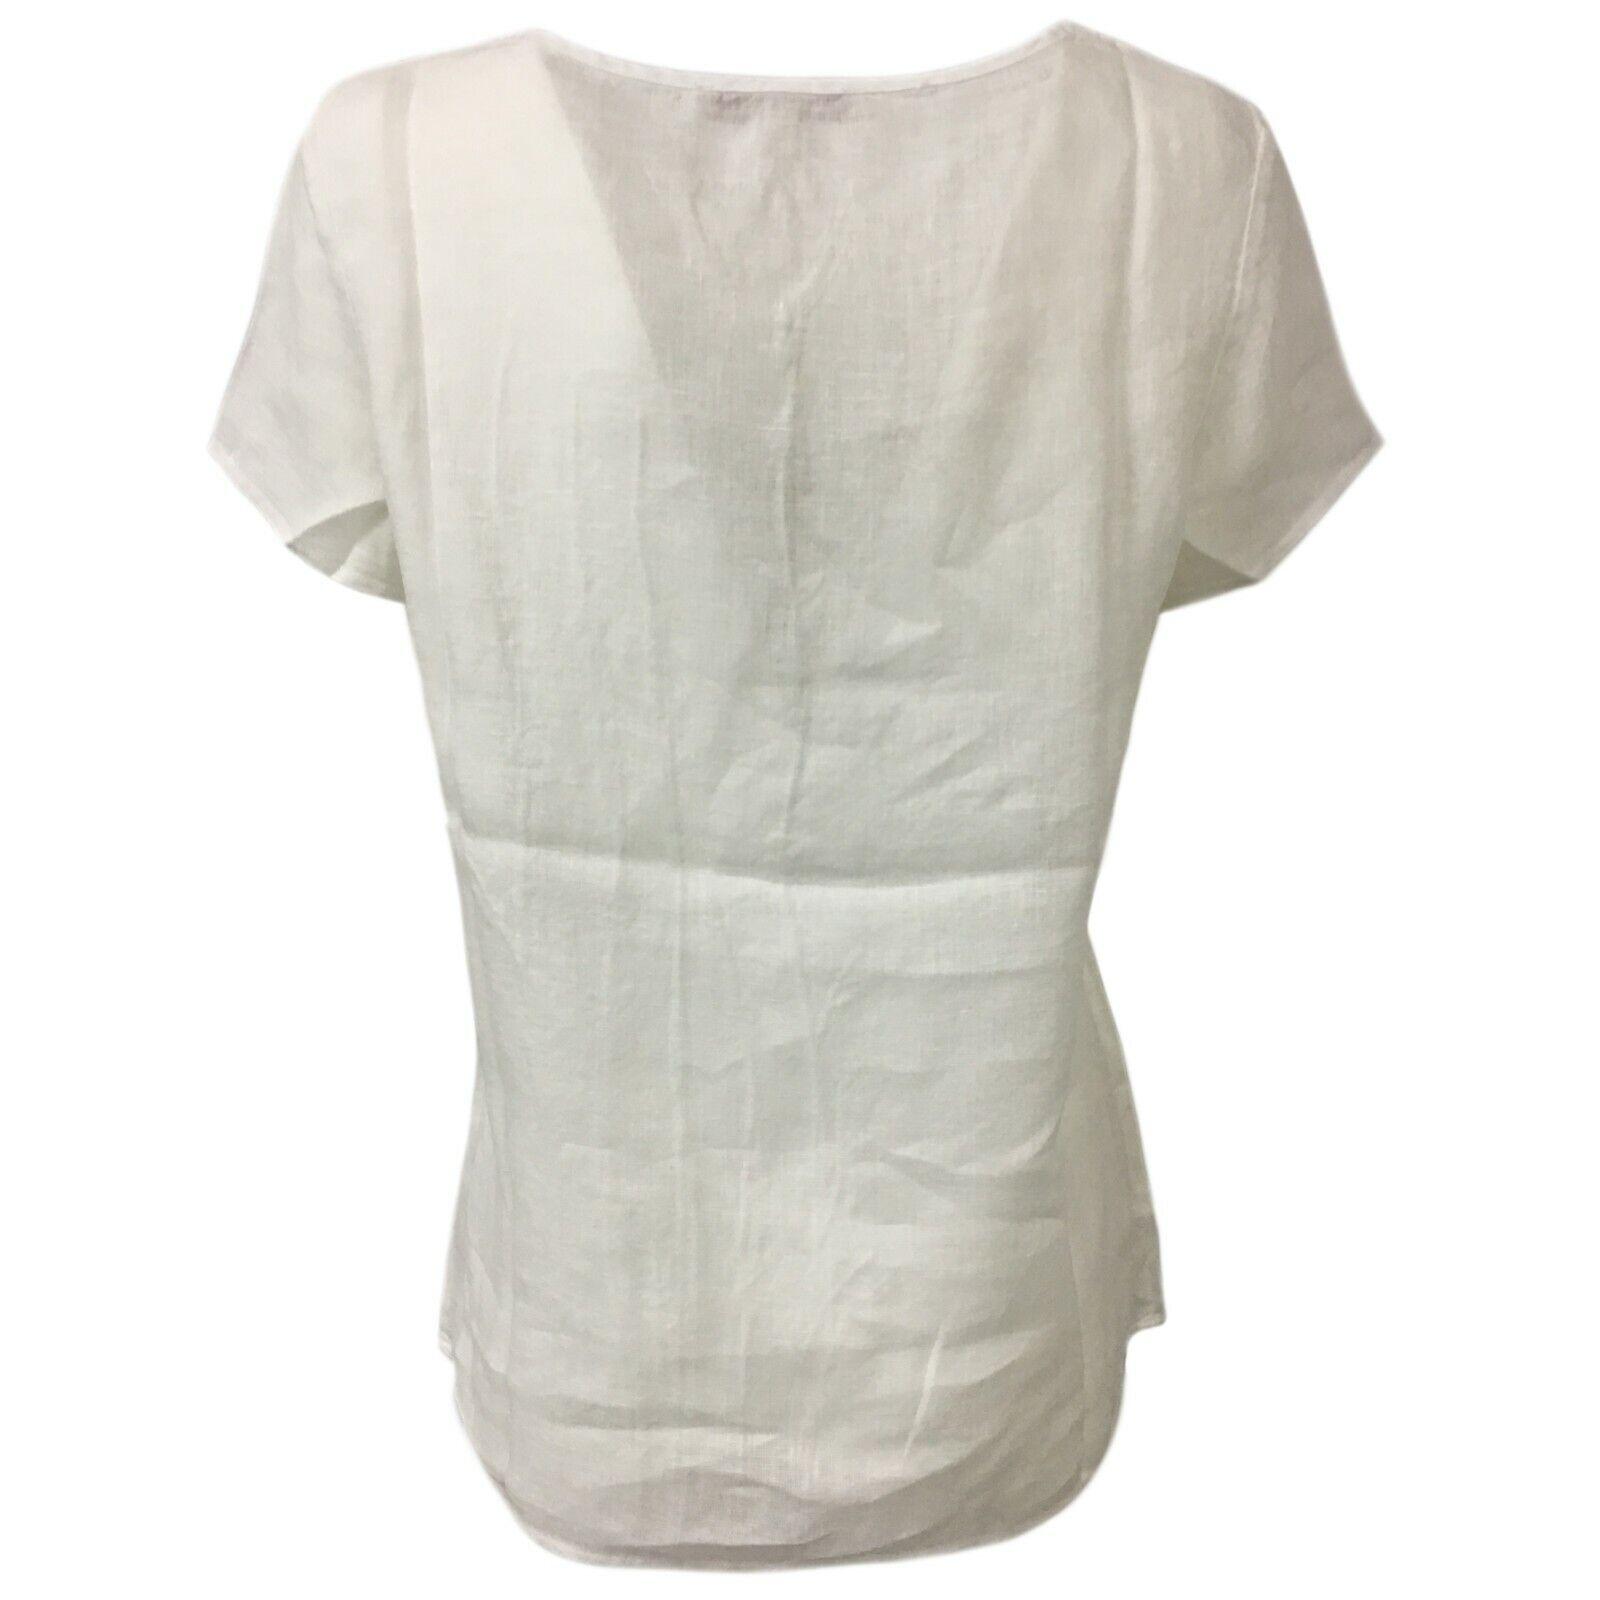 LA FEE MARABOUTEE blusa donna bianco con ricami art FB7129 FB7129 FB7129 100% lino 3259e9